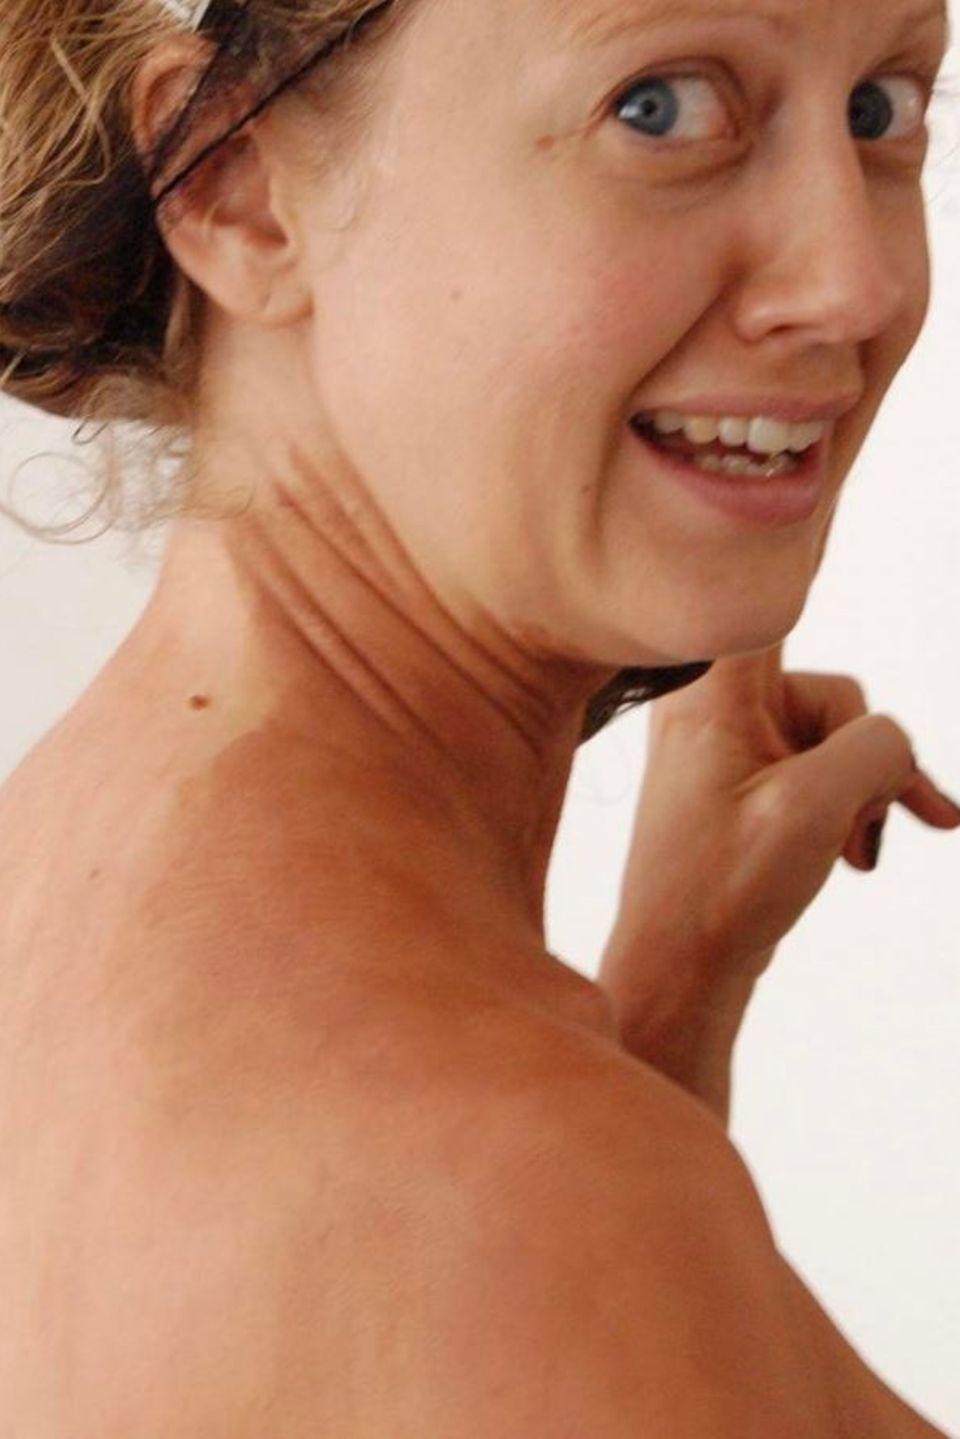 """Herrlich normal! TV-Liebling Barbara Schöneberger zeigt auf Instagram ihre fleckige Selbstbräuner-Panne: """"Das passiert wenn man Selbstbräuner für die Beine am Körper aufträgt"""", schreibt sie unter das Foto."""